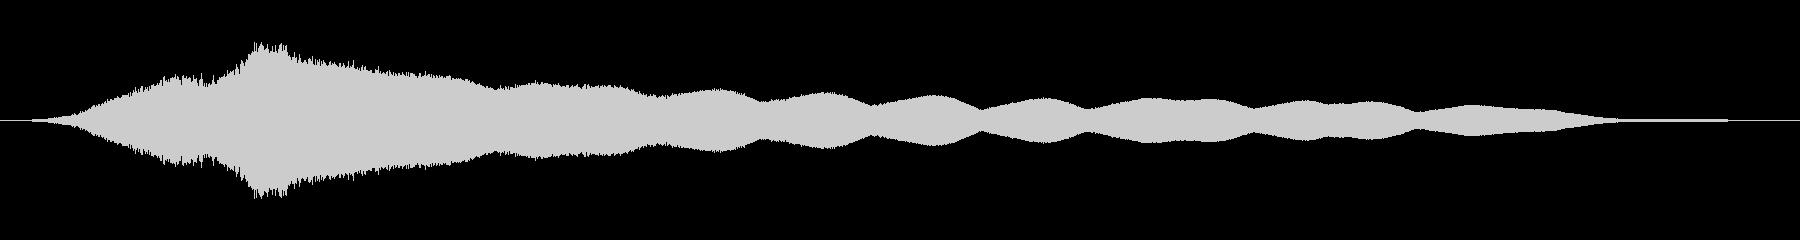 オールドライドシンボルボウCU 2の未再生の波形